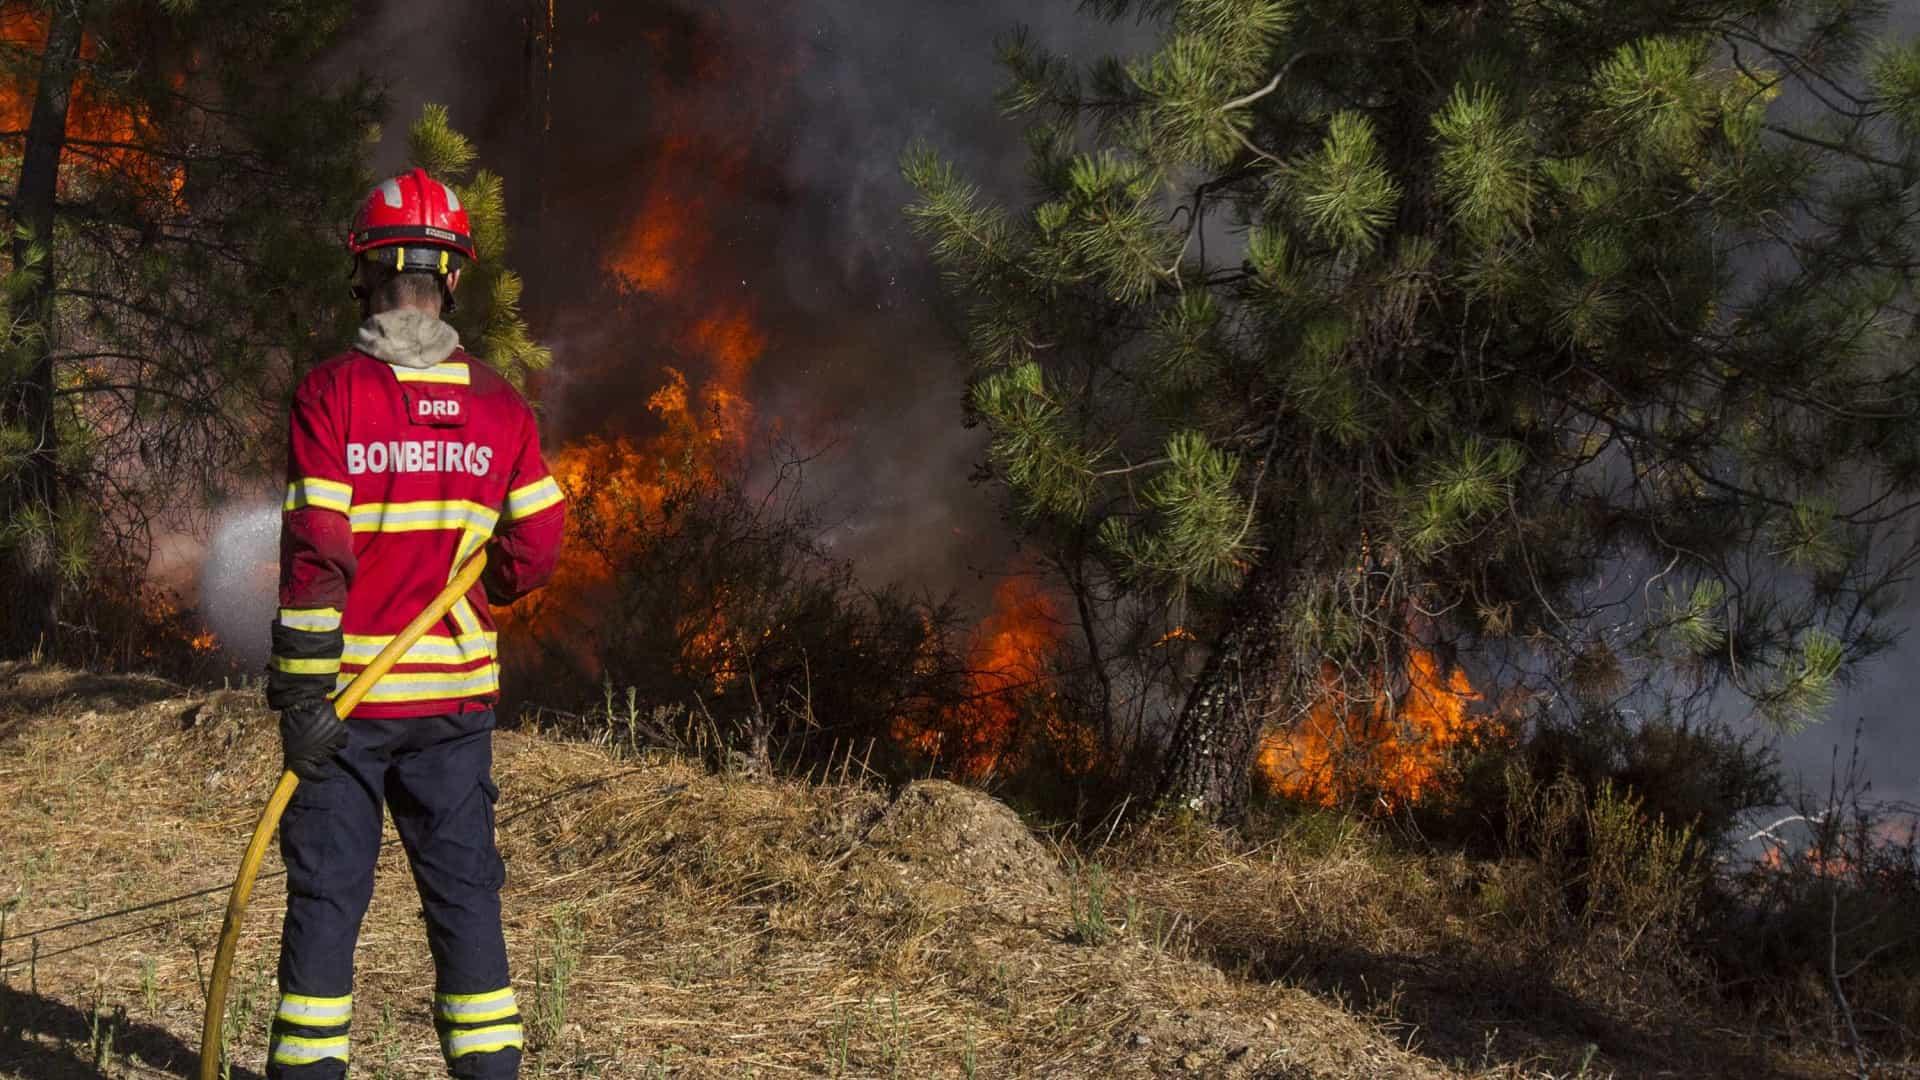 Vila Nova de Foz Coa e Figueira de Castelo Rodrigo em risco máximo de incêndio